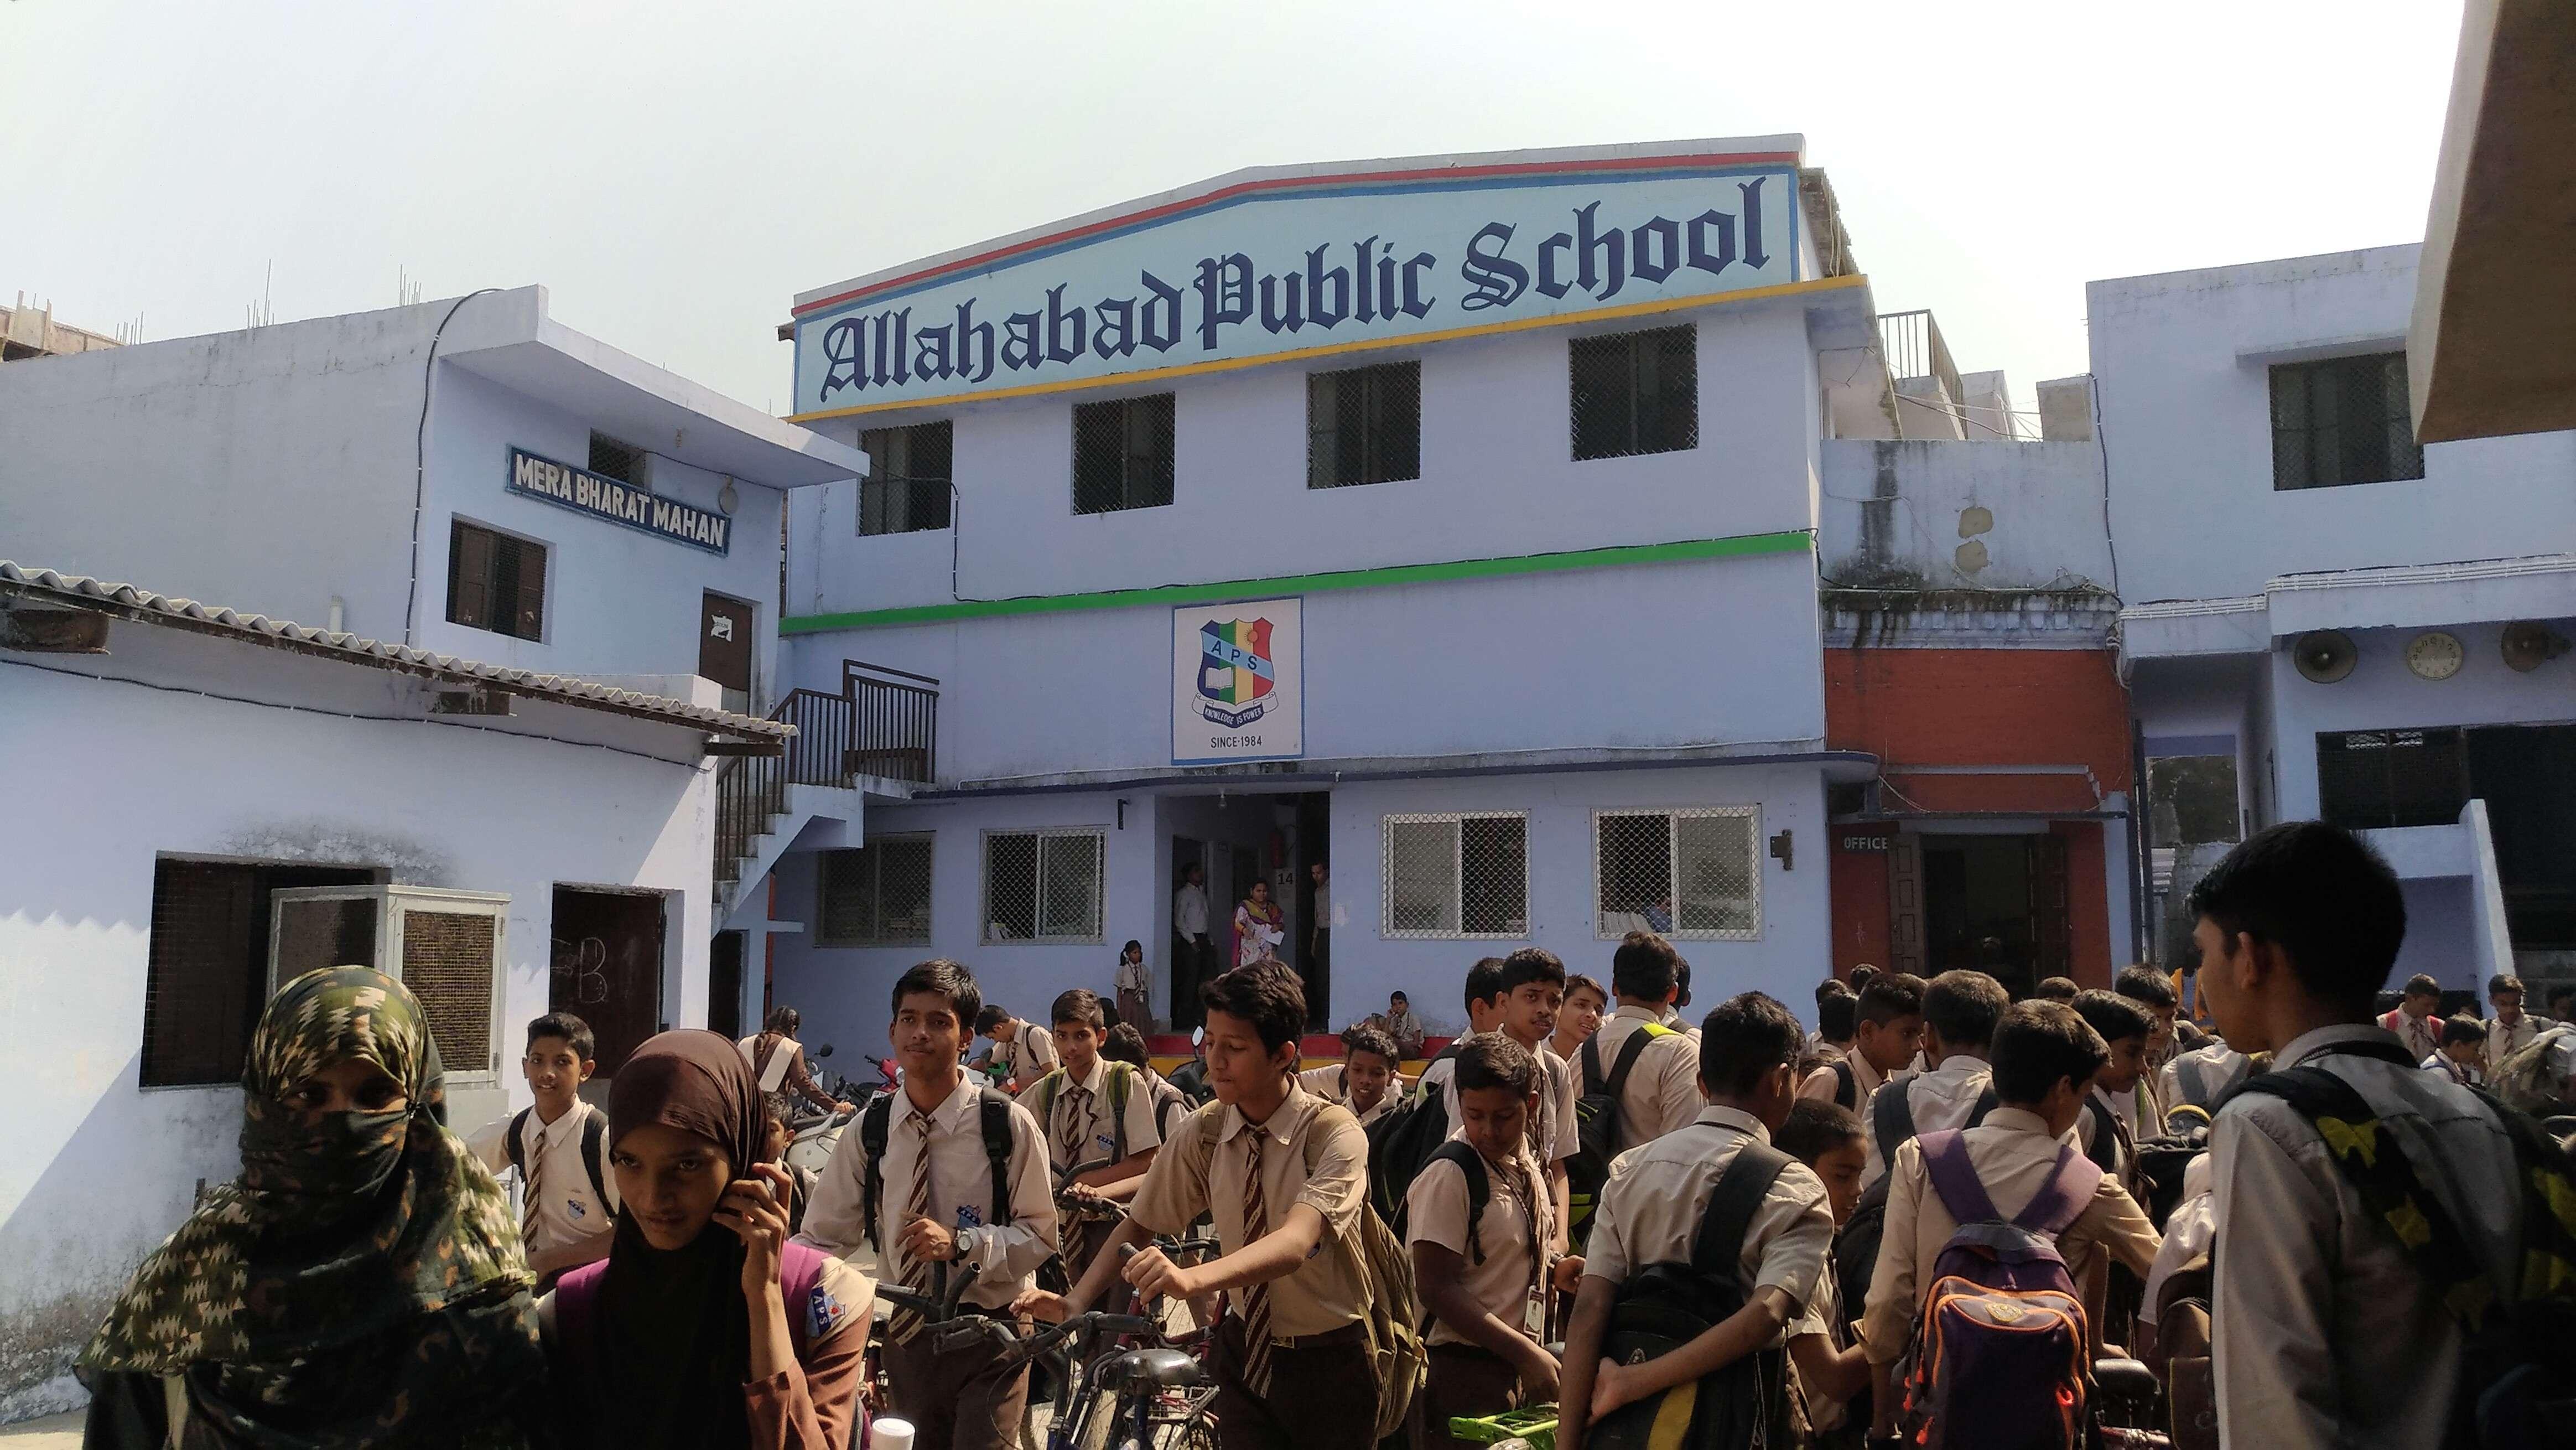 ALLAHABAD PUBLIC SCHOOL 1 NOORULLA ROAD KHULDABAD 2130958